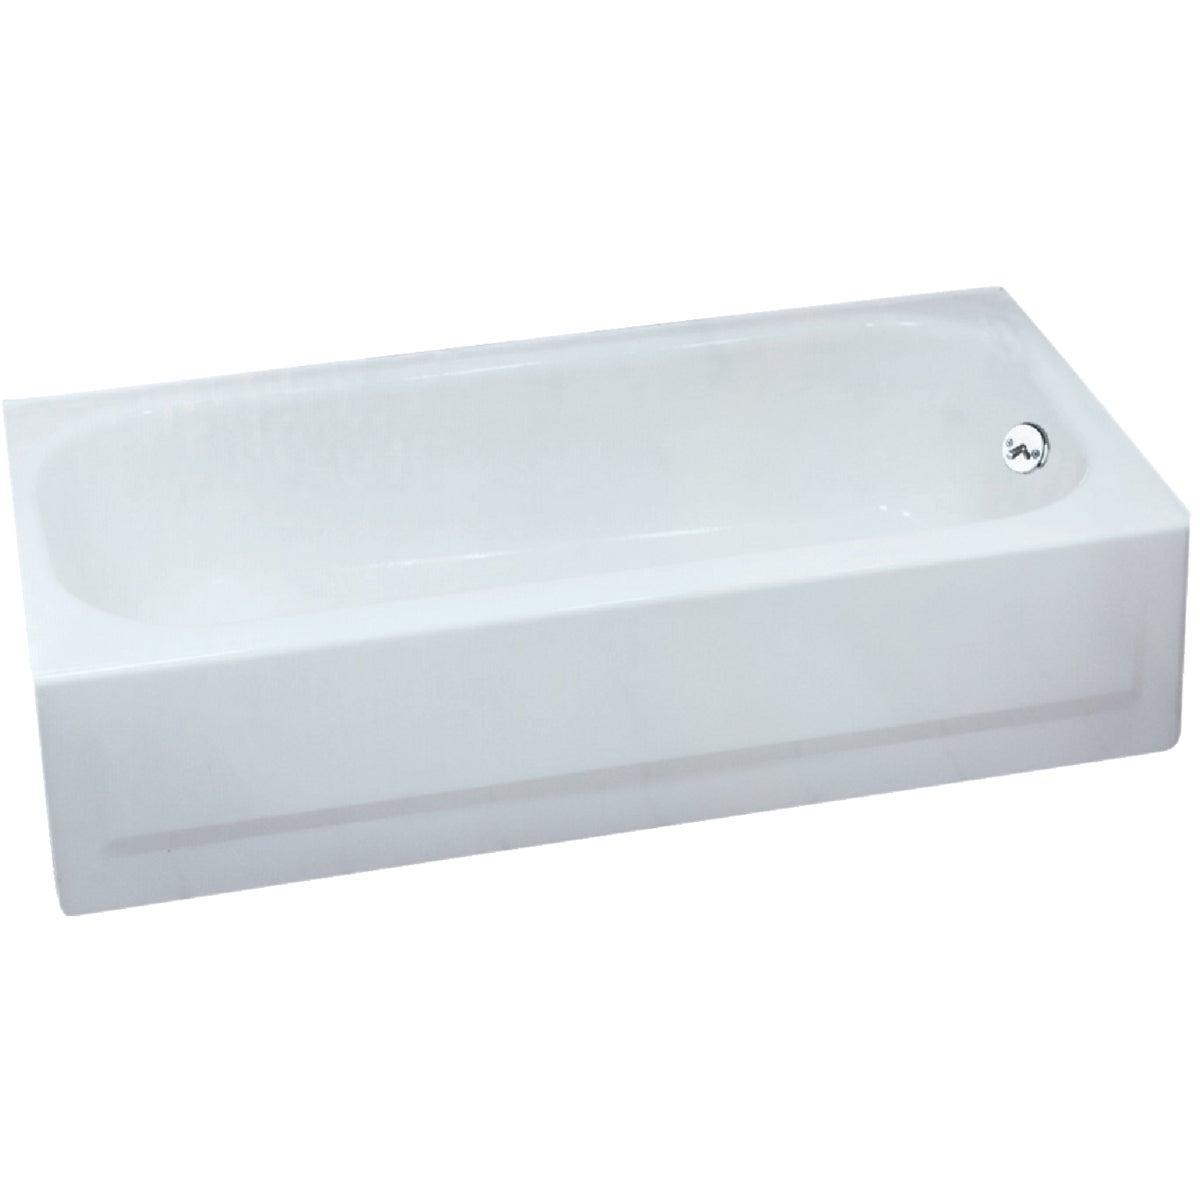 WHITE R/H TUB